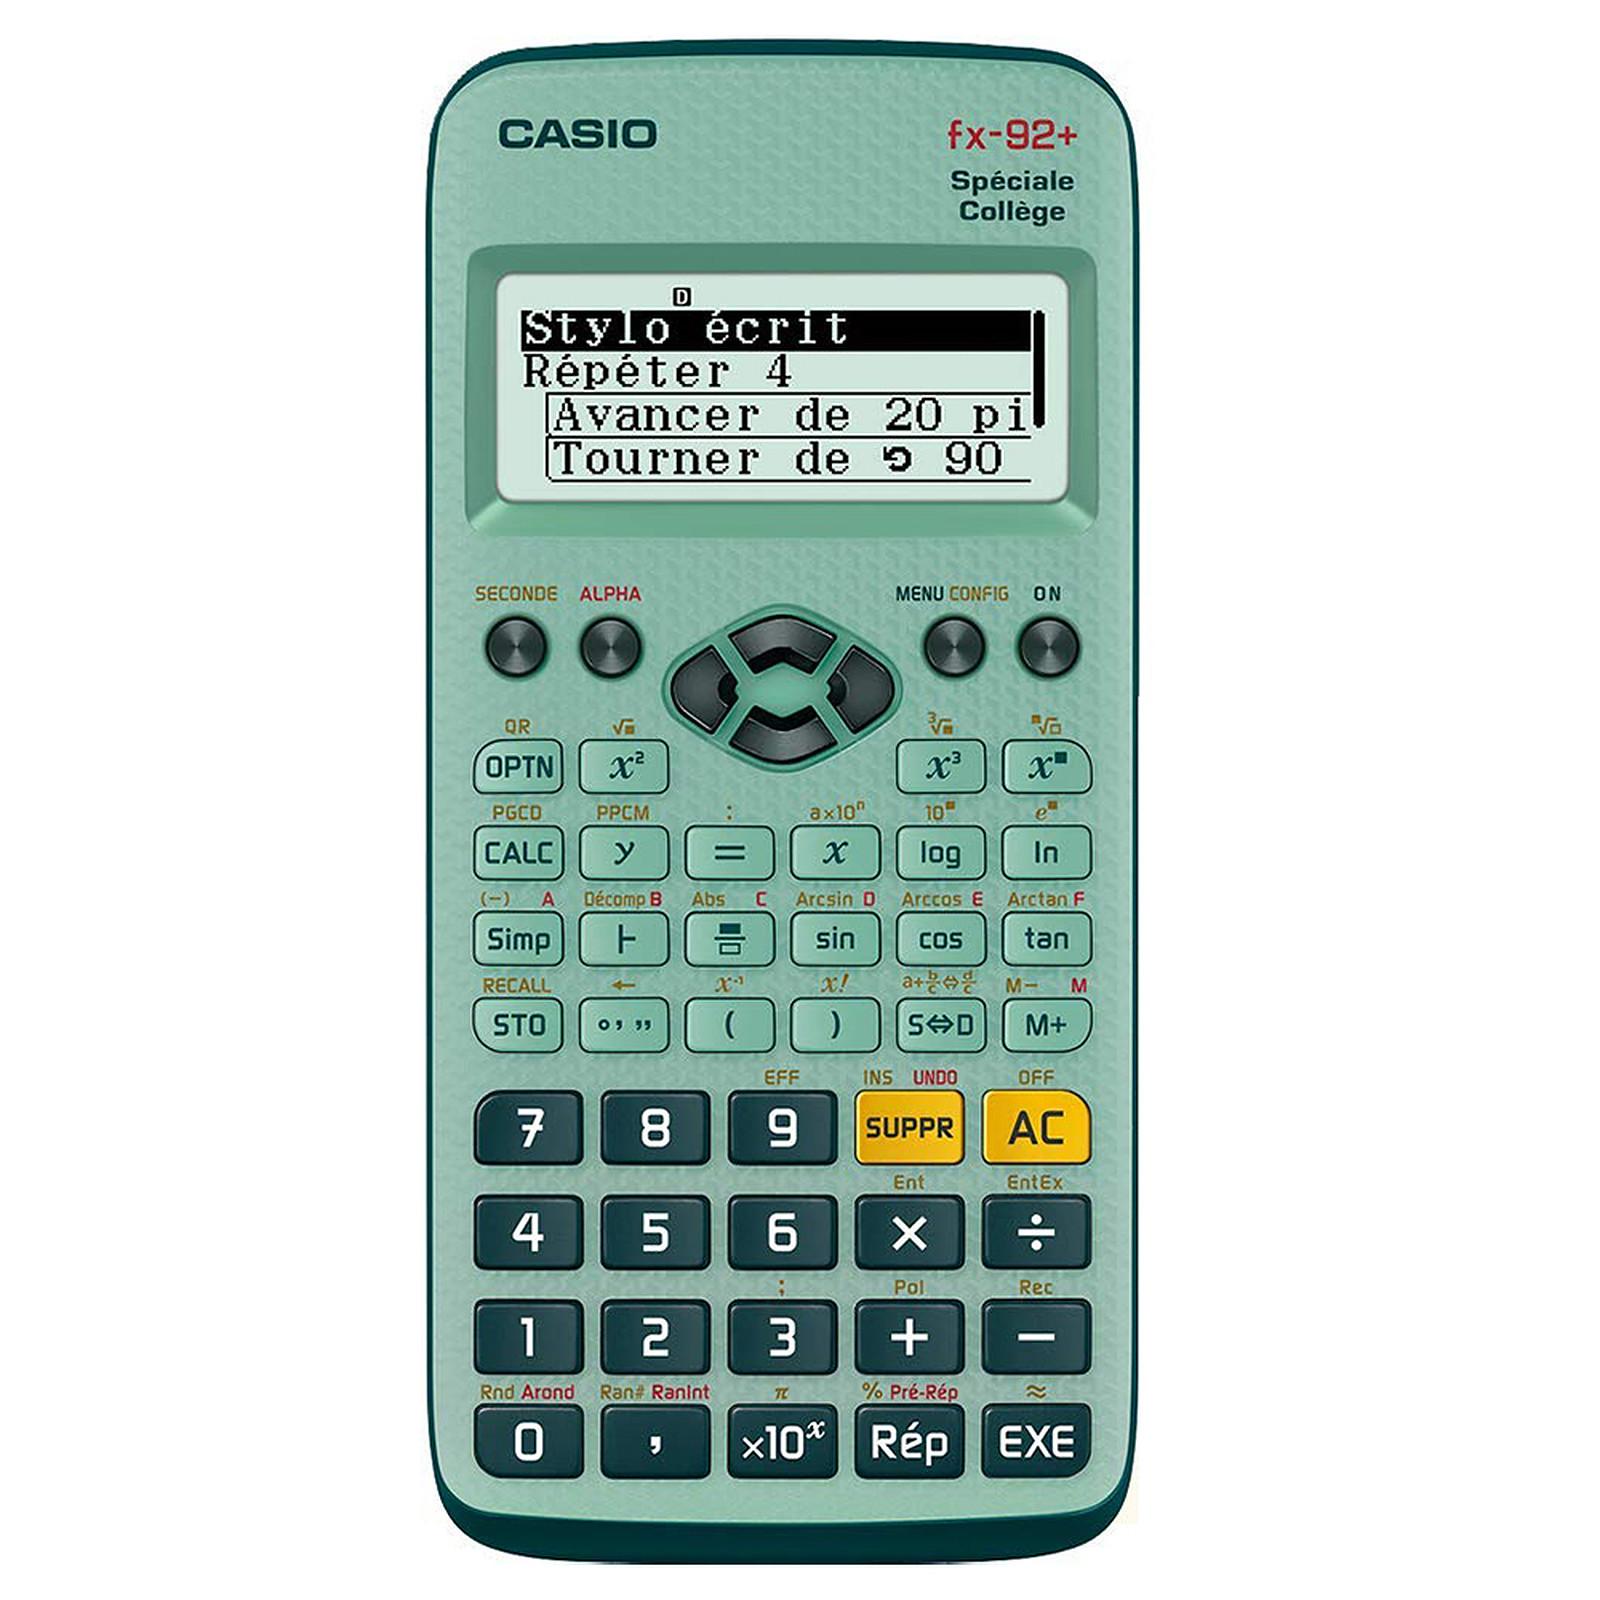 Casio FX-92+ Spéciale Collège